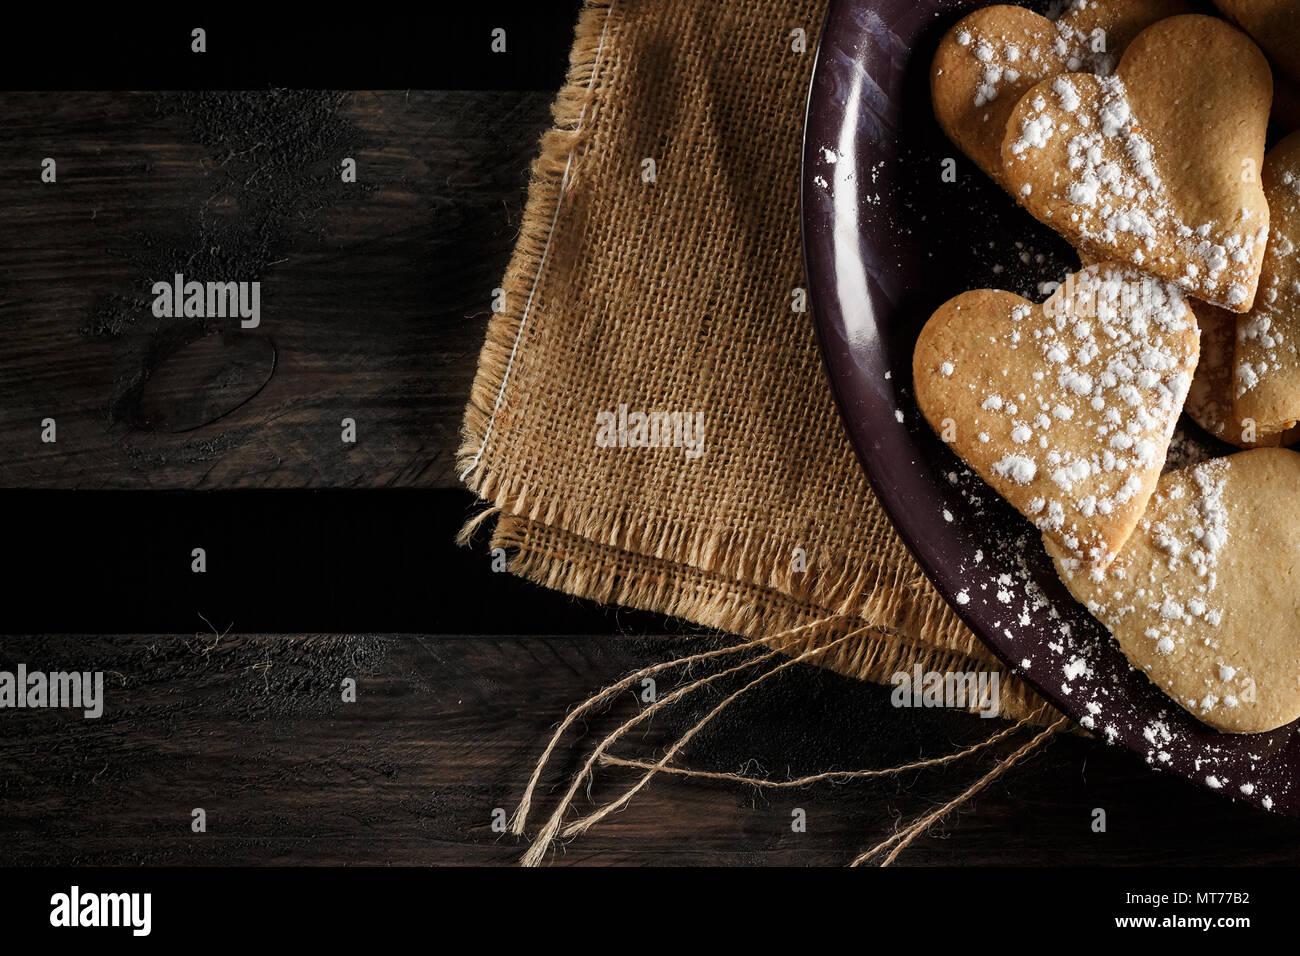 Caseras deliciosas galletas en forma de corazón espolvoreado con azúcar glas en cilicio y placas de madera. Imagen horizontal visto desde arriba. Imagen De Stock